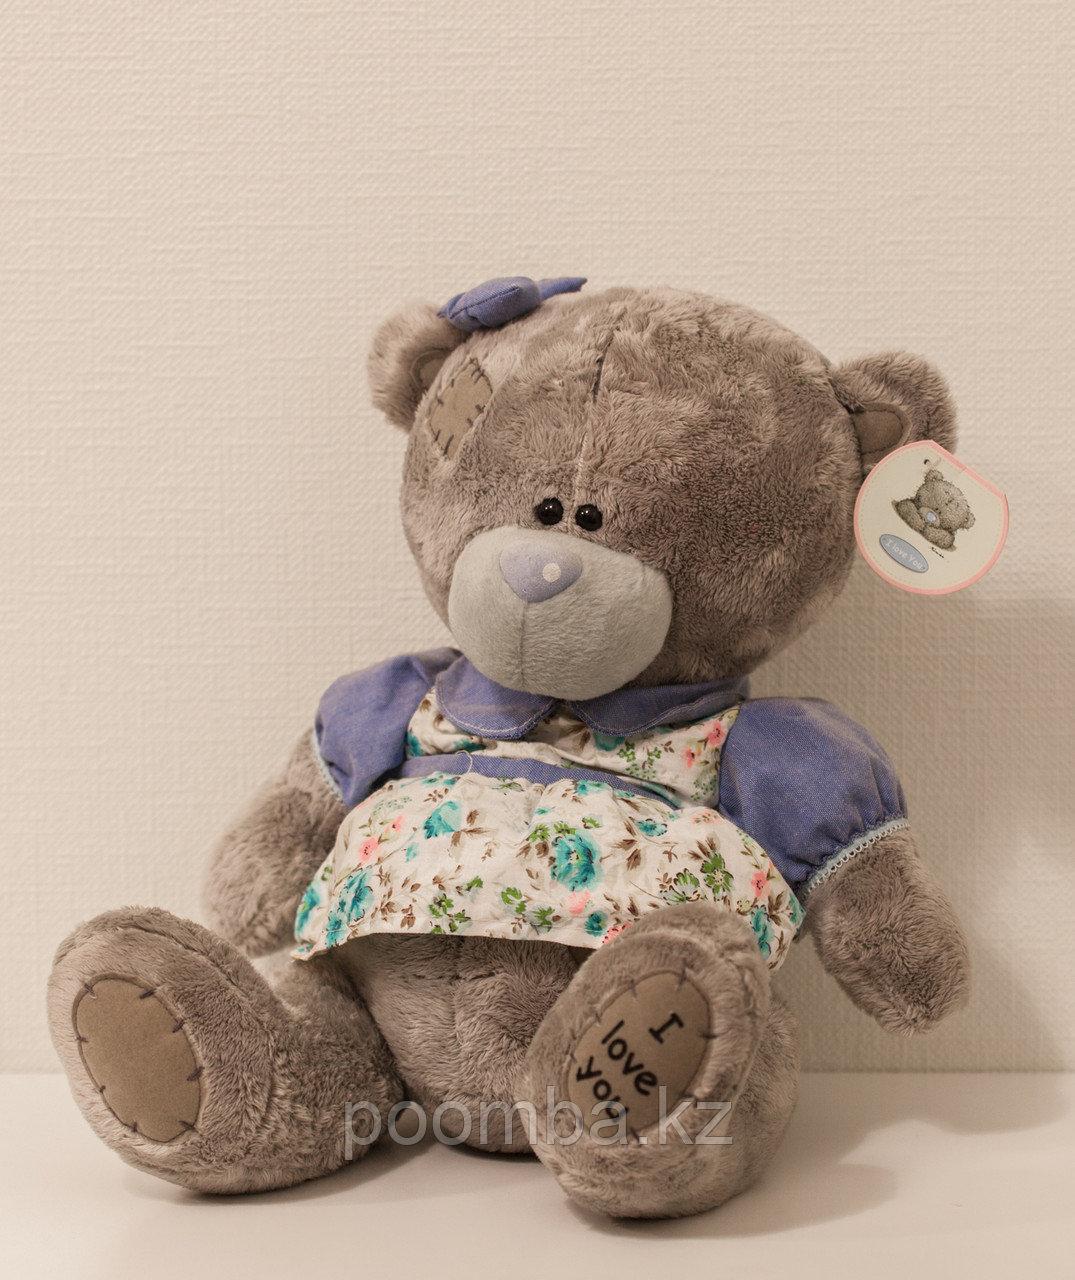 """Мягкая игрушка Teddy """"Me to You"""" 30 см в голубом платье"""